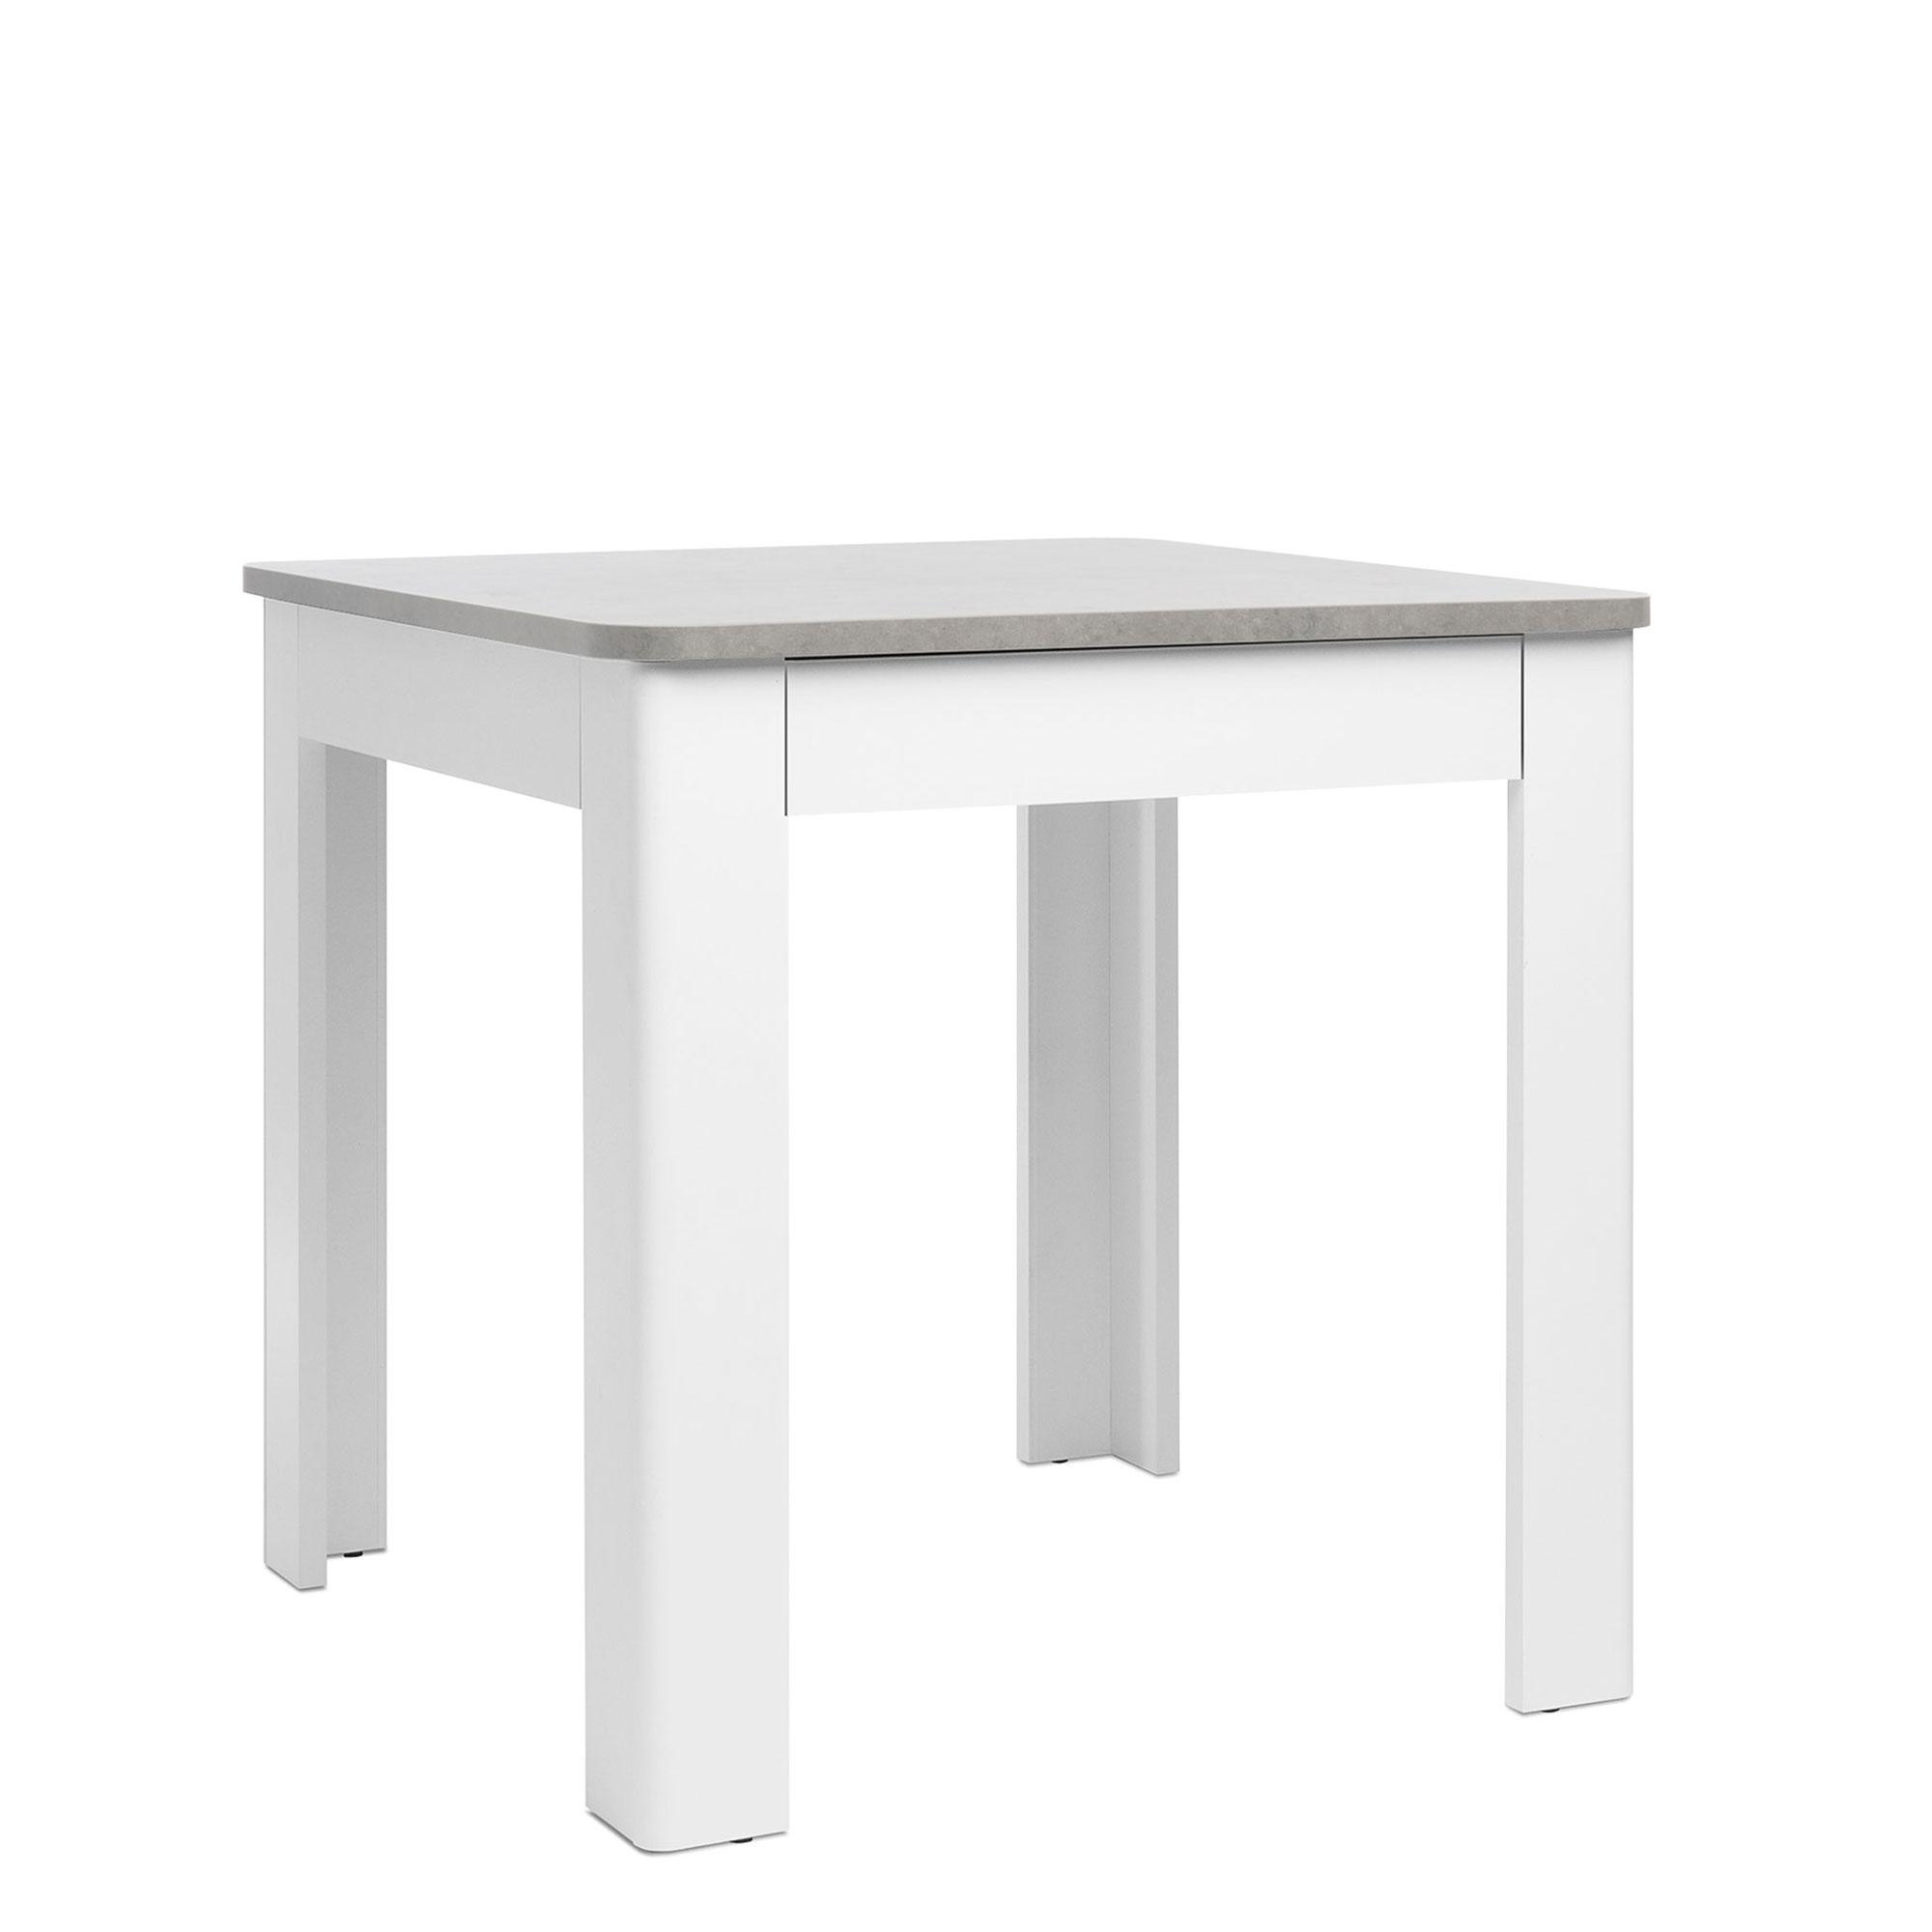 Jídelní stůl se zásuvkou Solo, 80 cm, beton/bílá